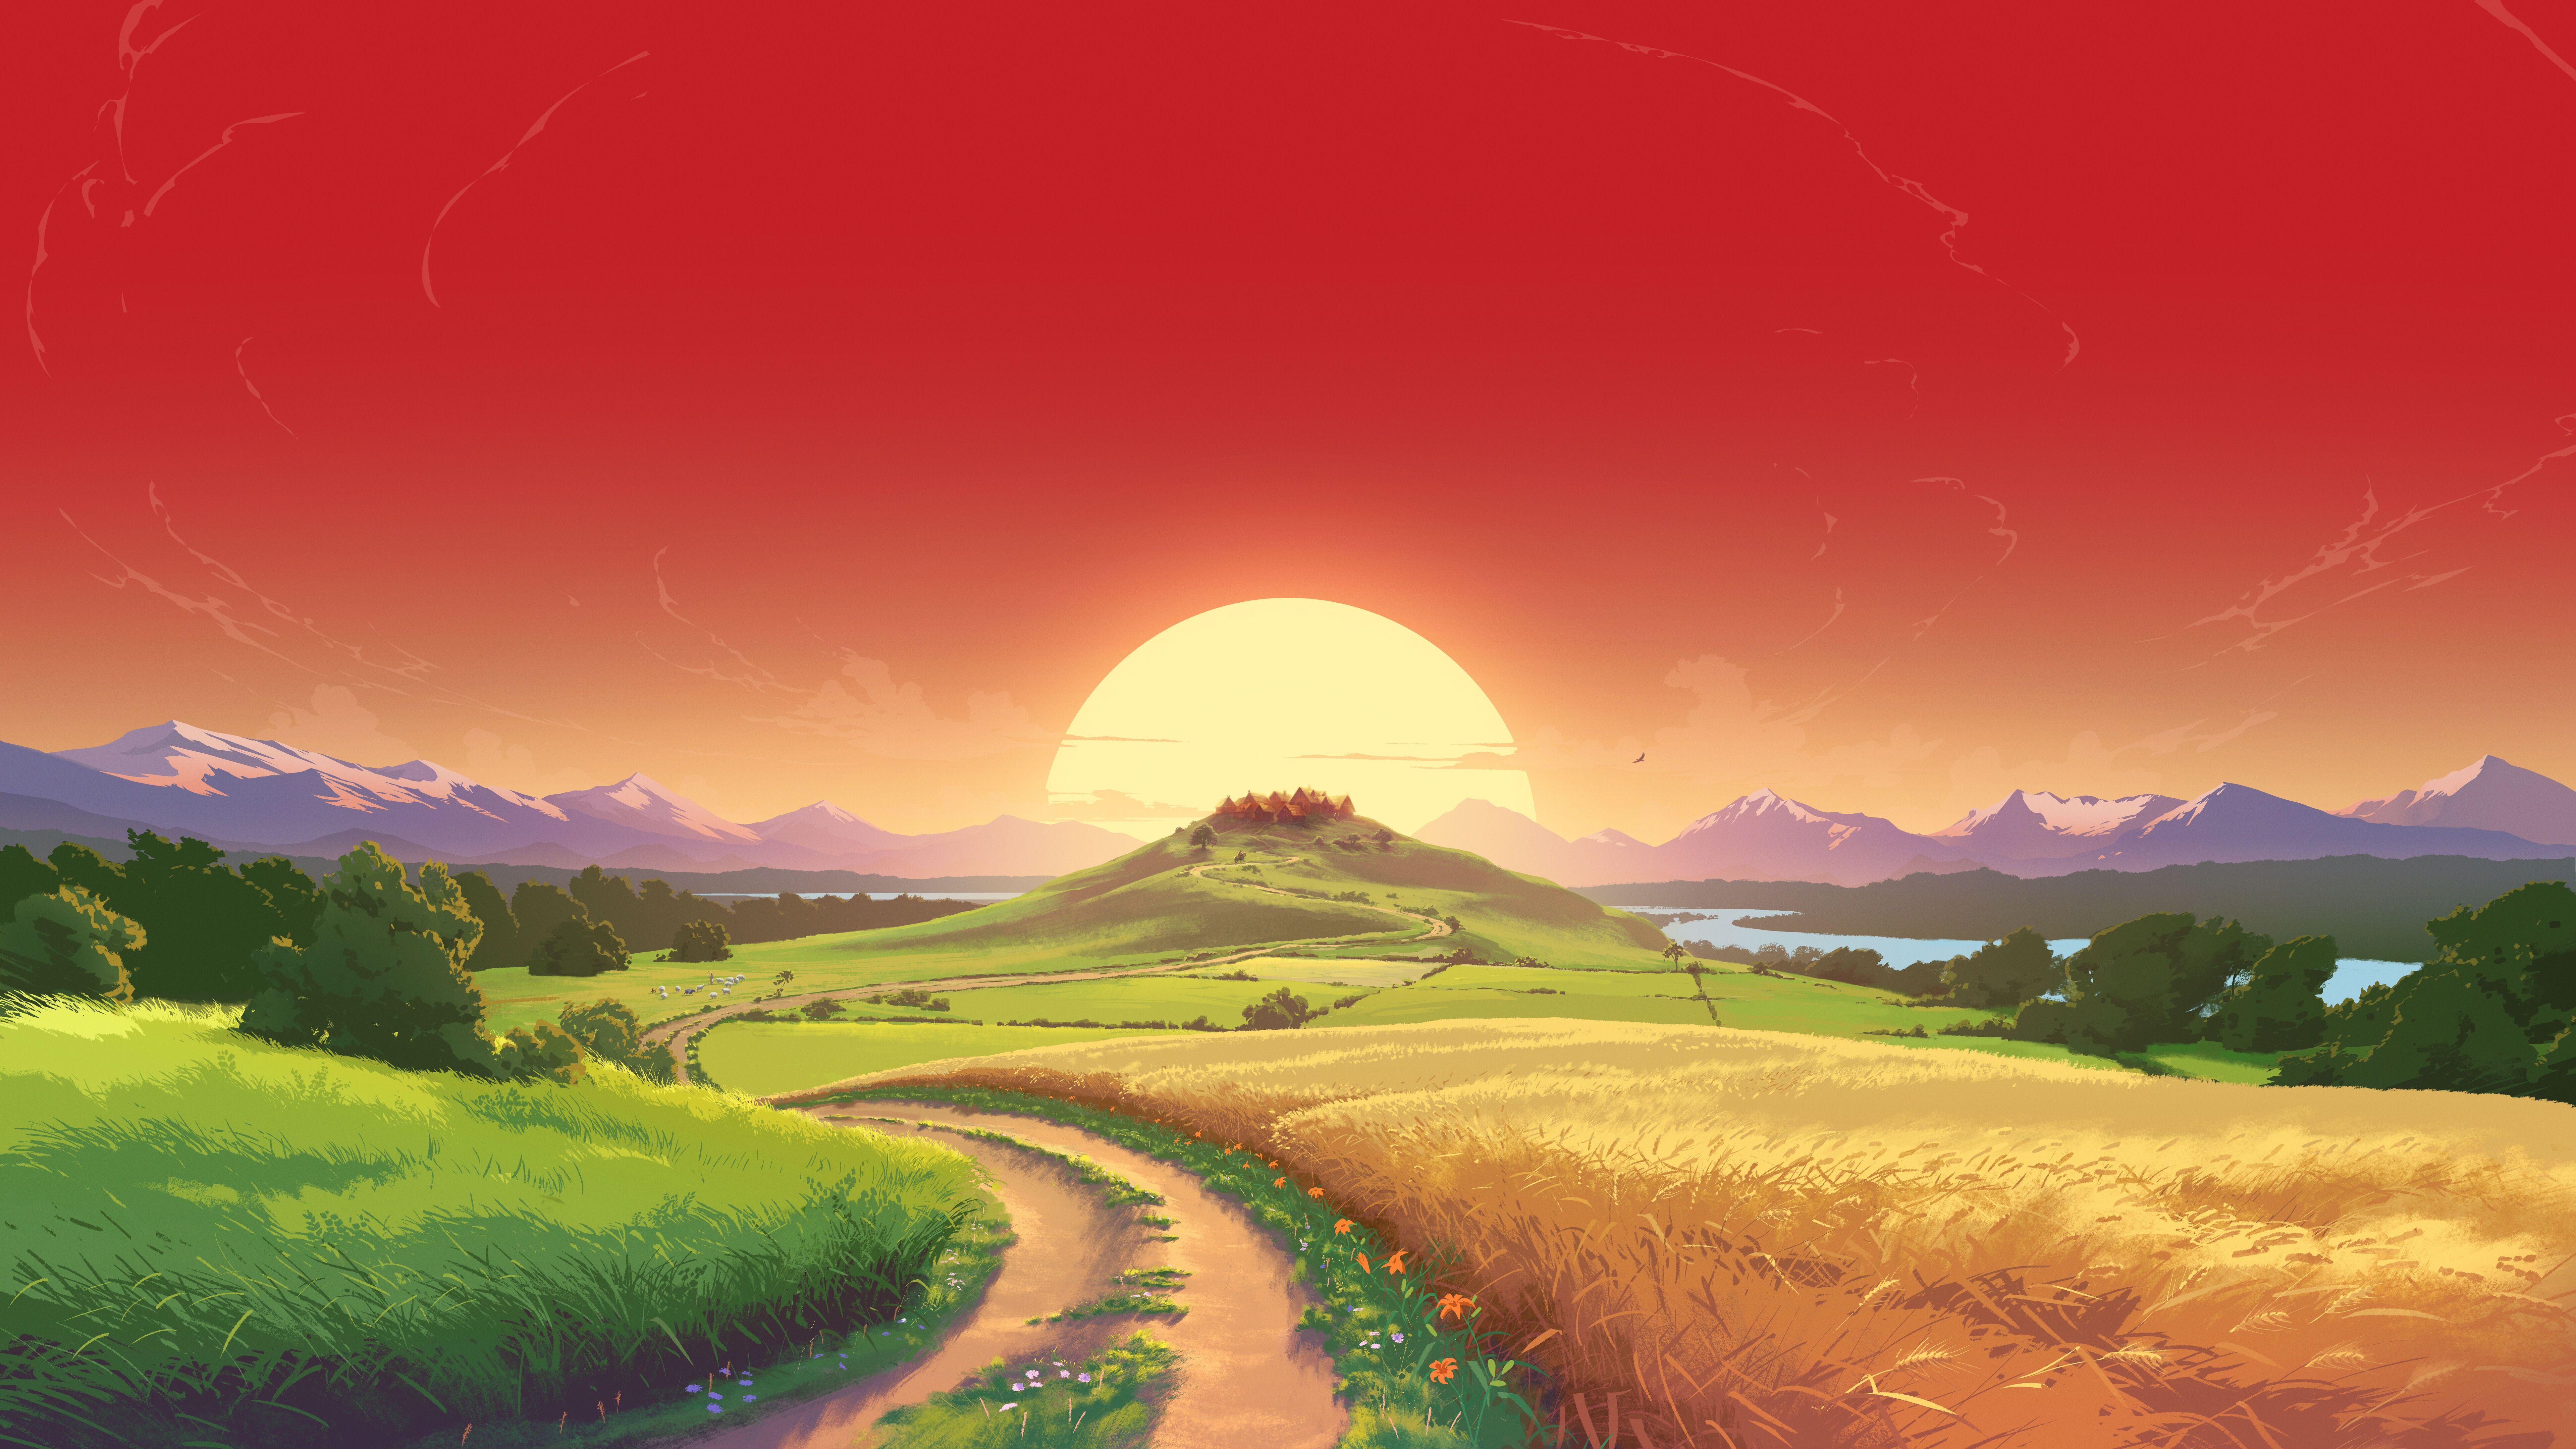 7680x4320 Dragon Quest Builders 12k 8k HD 4k Wallpapers